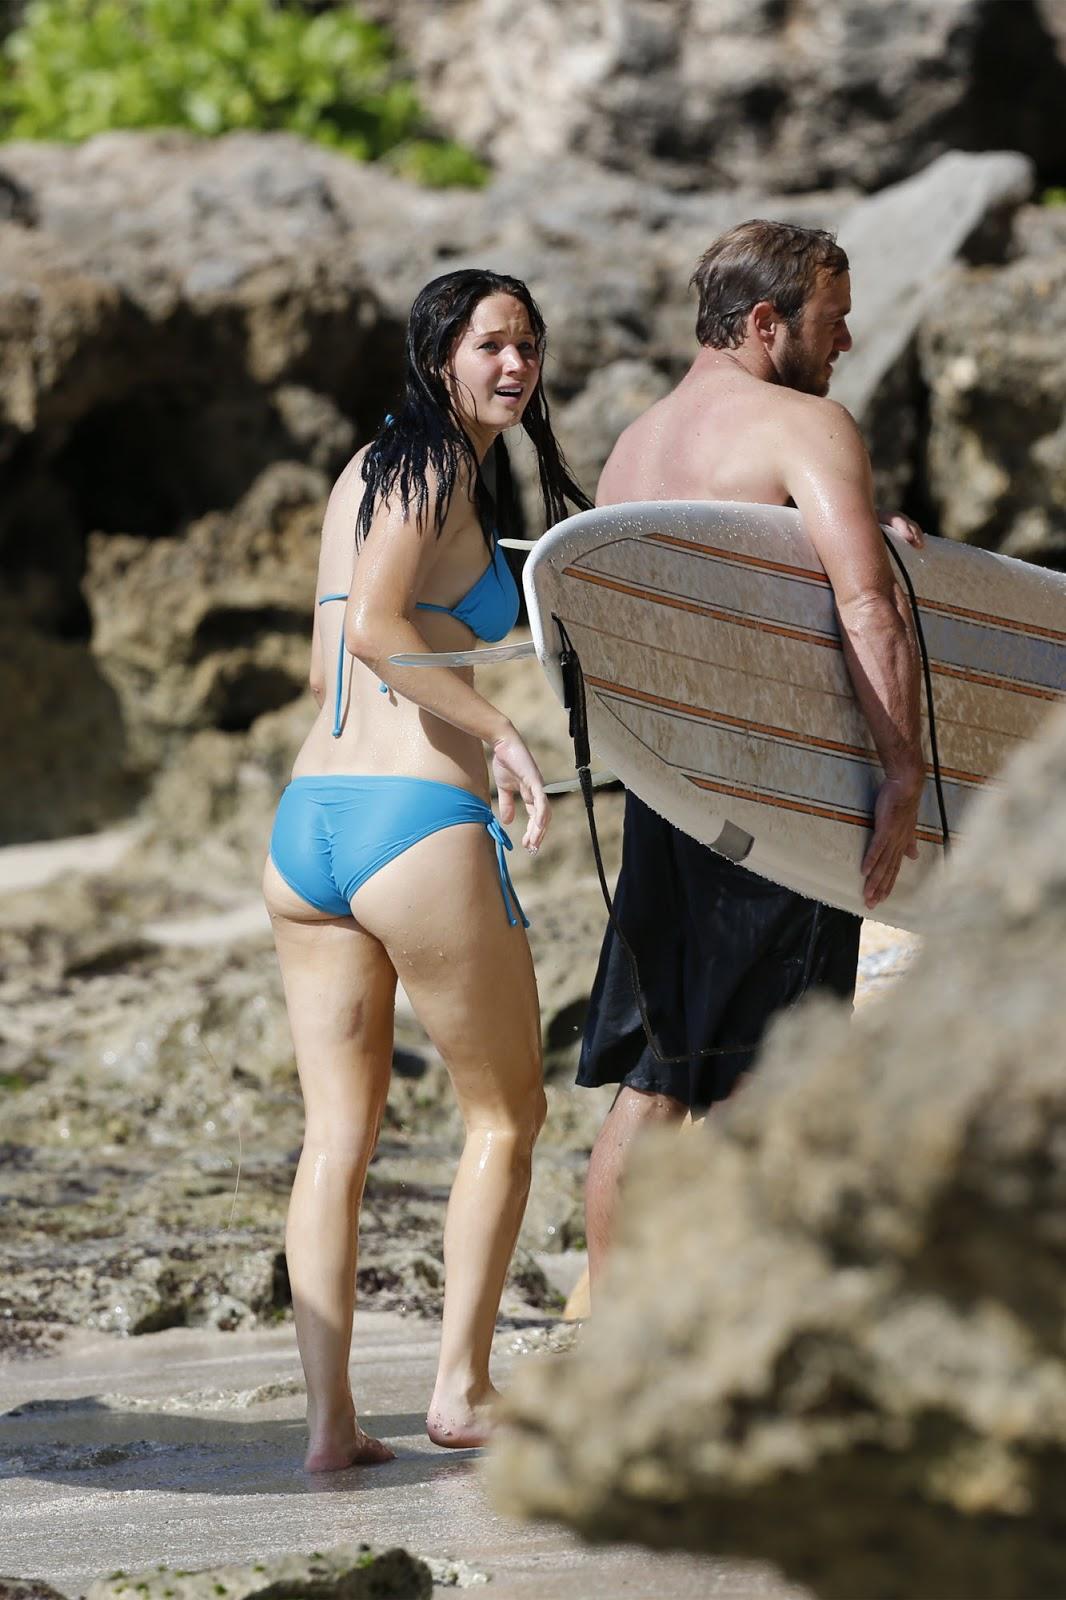 ~Picx~: Jennifer Lawrence Bikini Candids & Ass Shot at a ... анджелина джоли рост